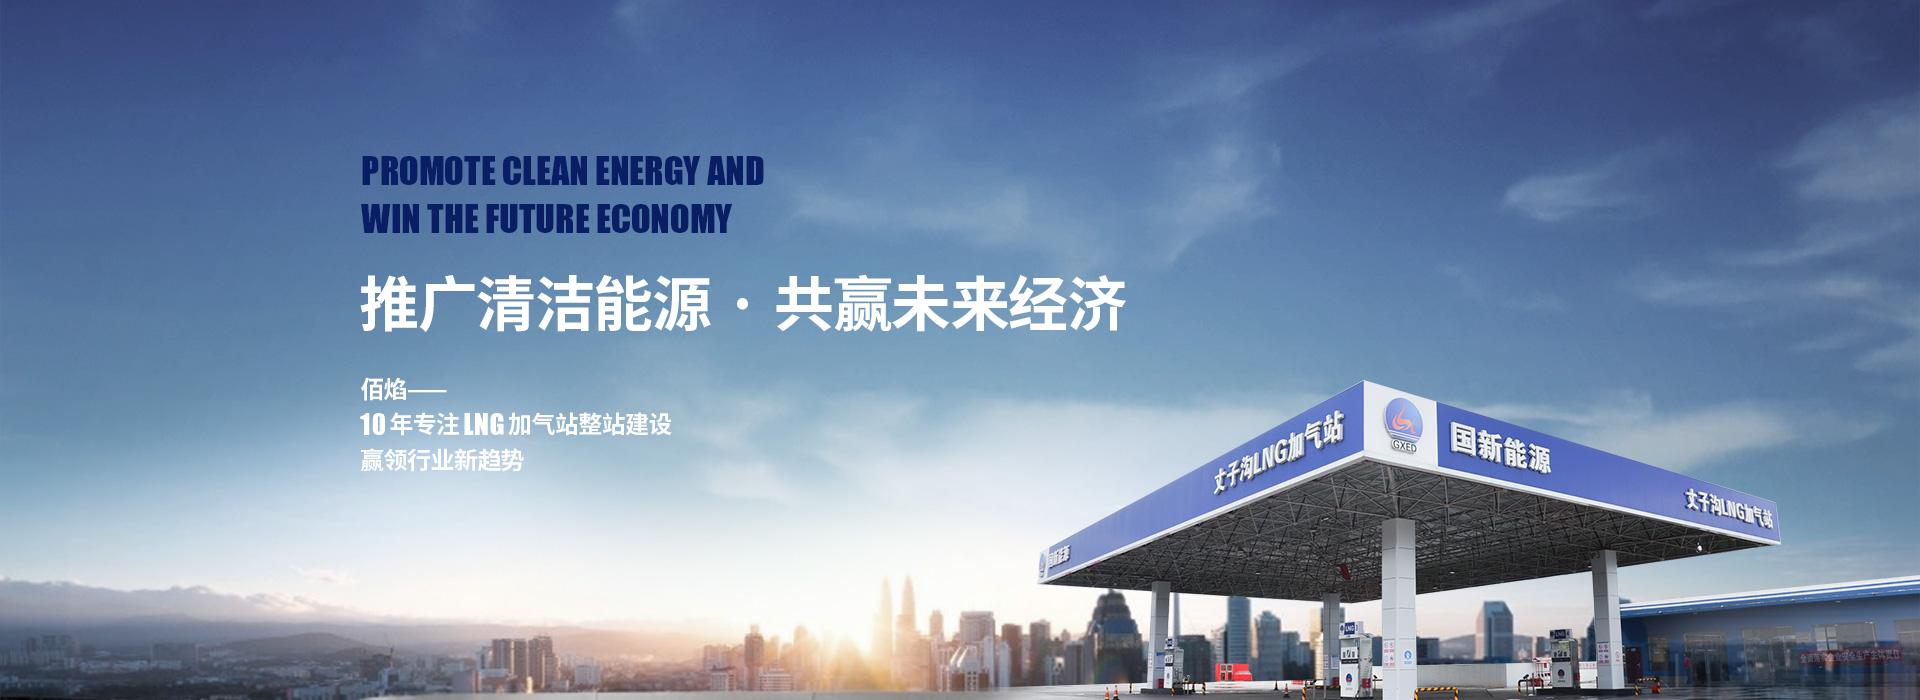 佰焰科技:推广清洁能源 共赢未来经济